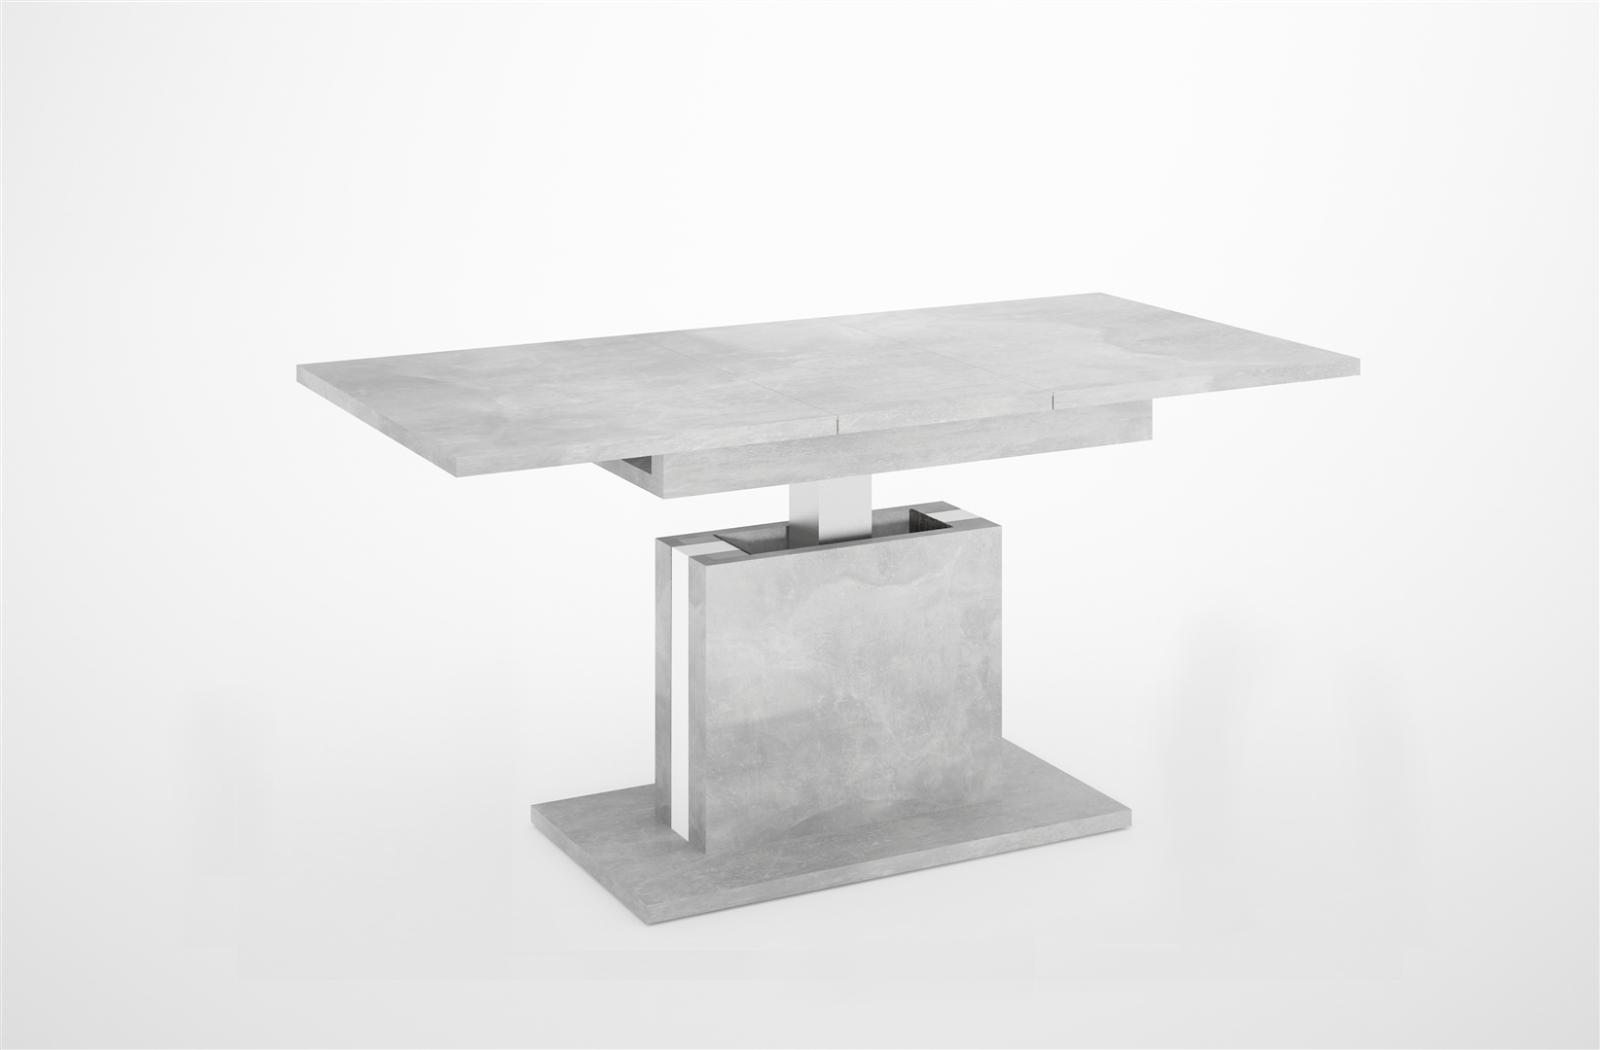 Couchtisch Ferrara Wohnzimmertisch Beistelltisch Tisch In Beton ...   Designer  Betonmoebel Innen Aussen